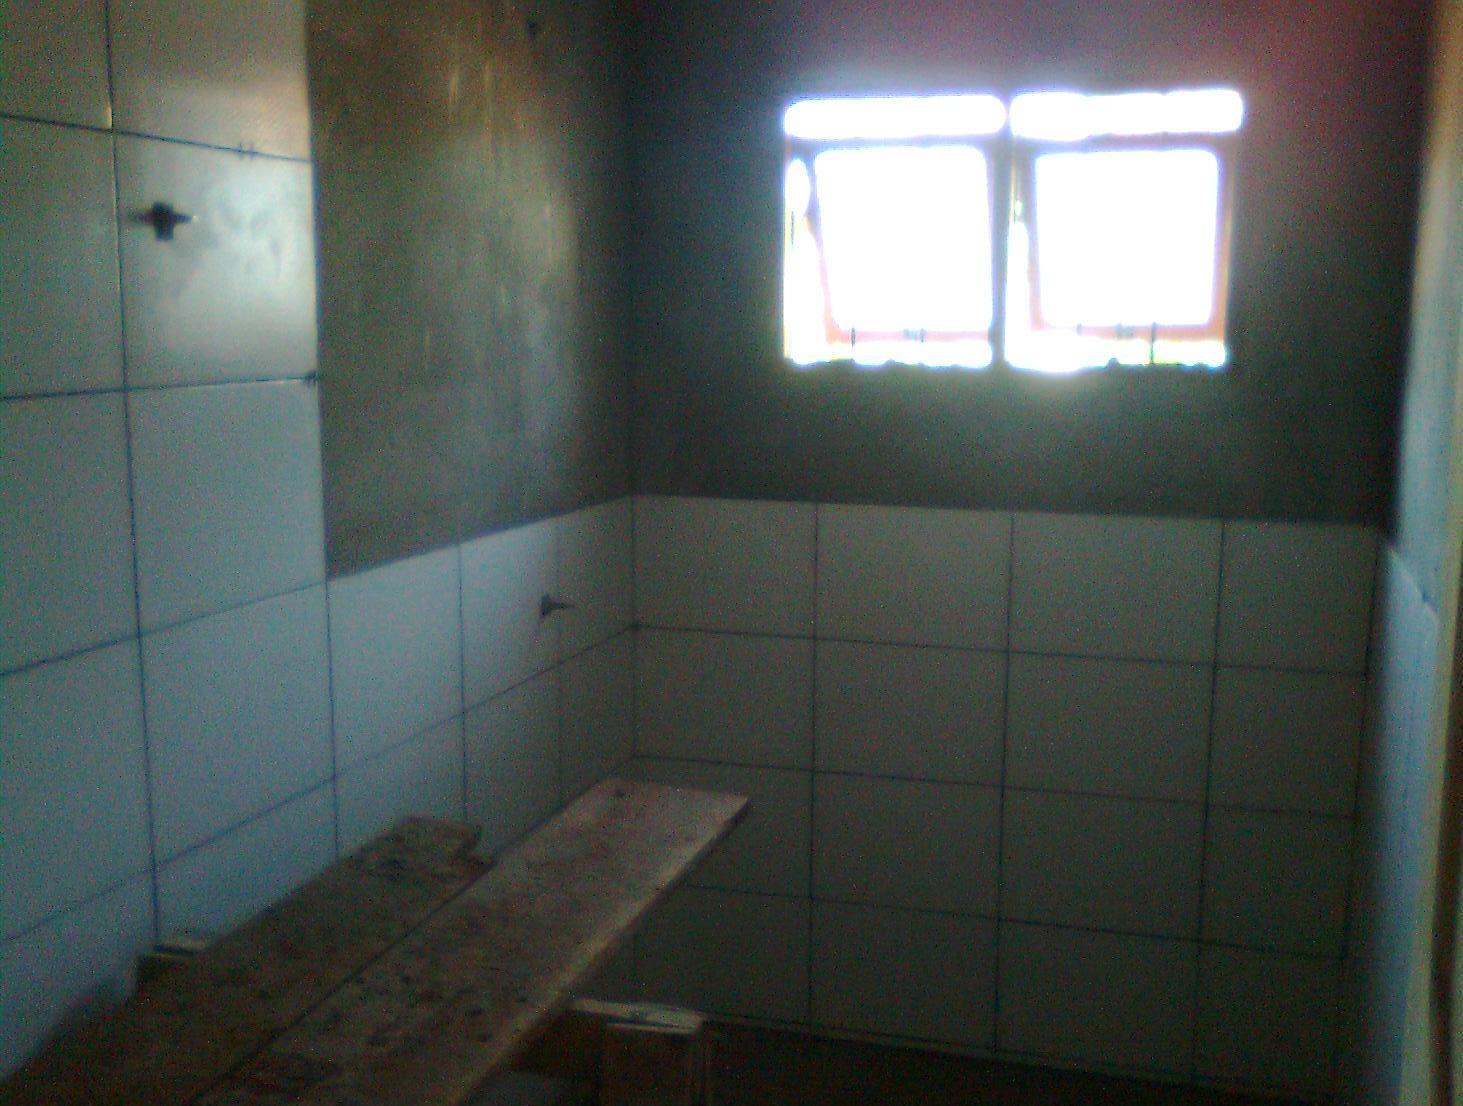 que não vai o detalhe das pastilhas o revestimento chegou ao teto #4A6781 1463x1106 Banheiro Com Azulejo No Teto